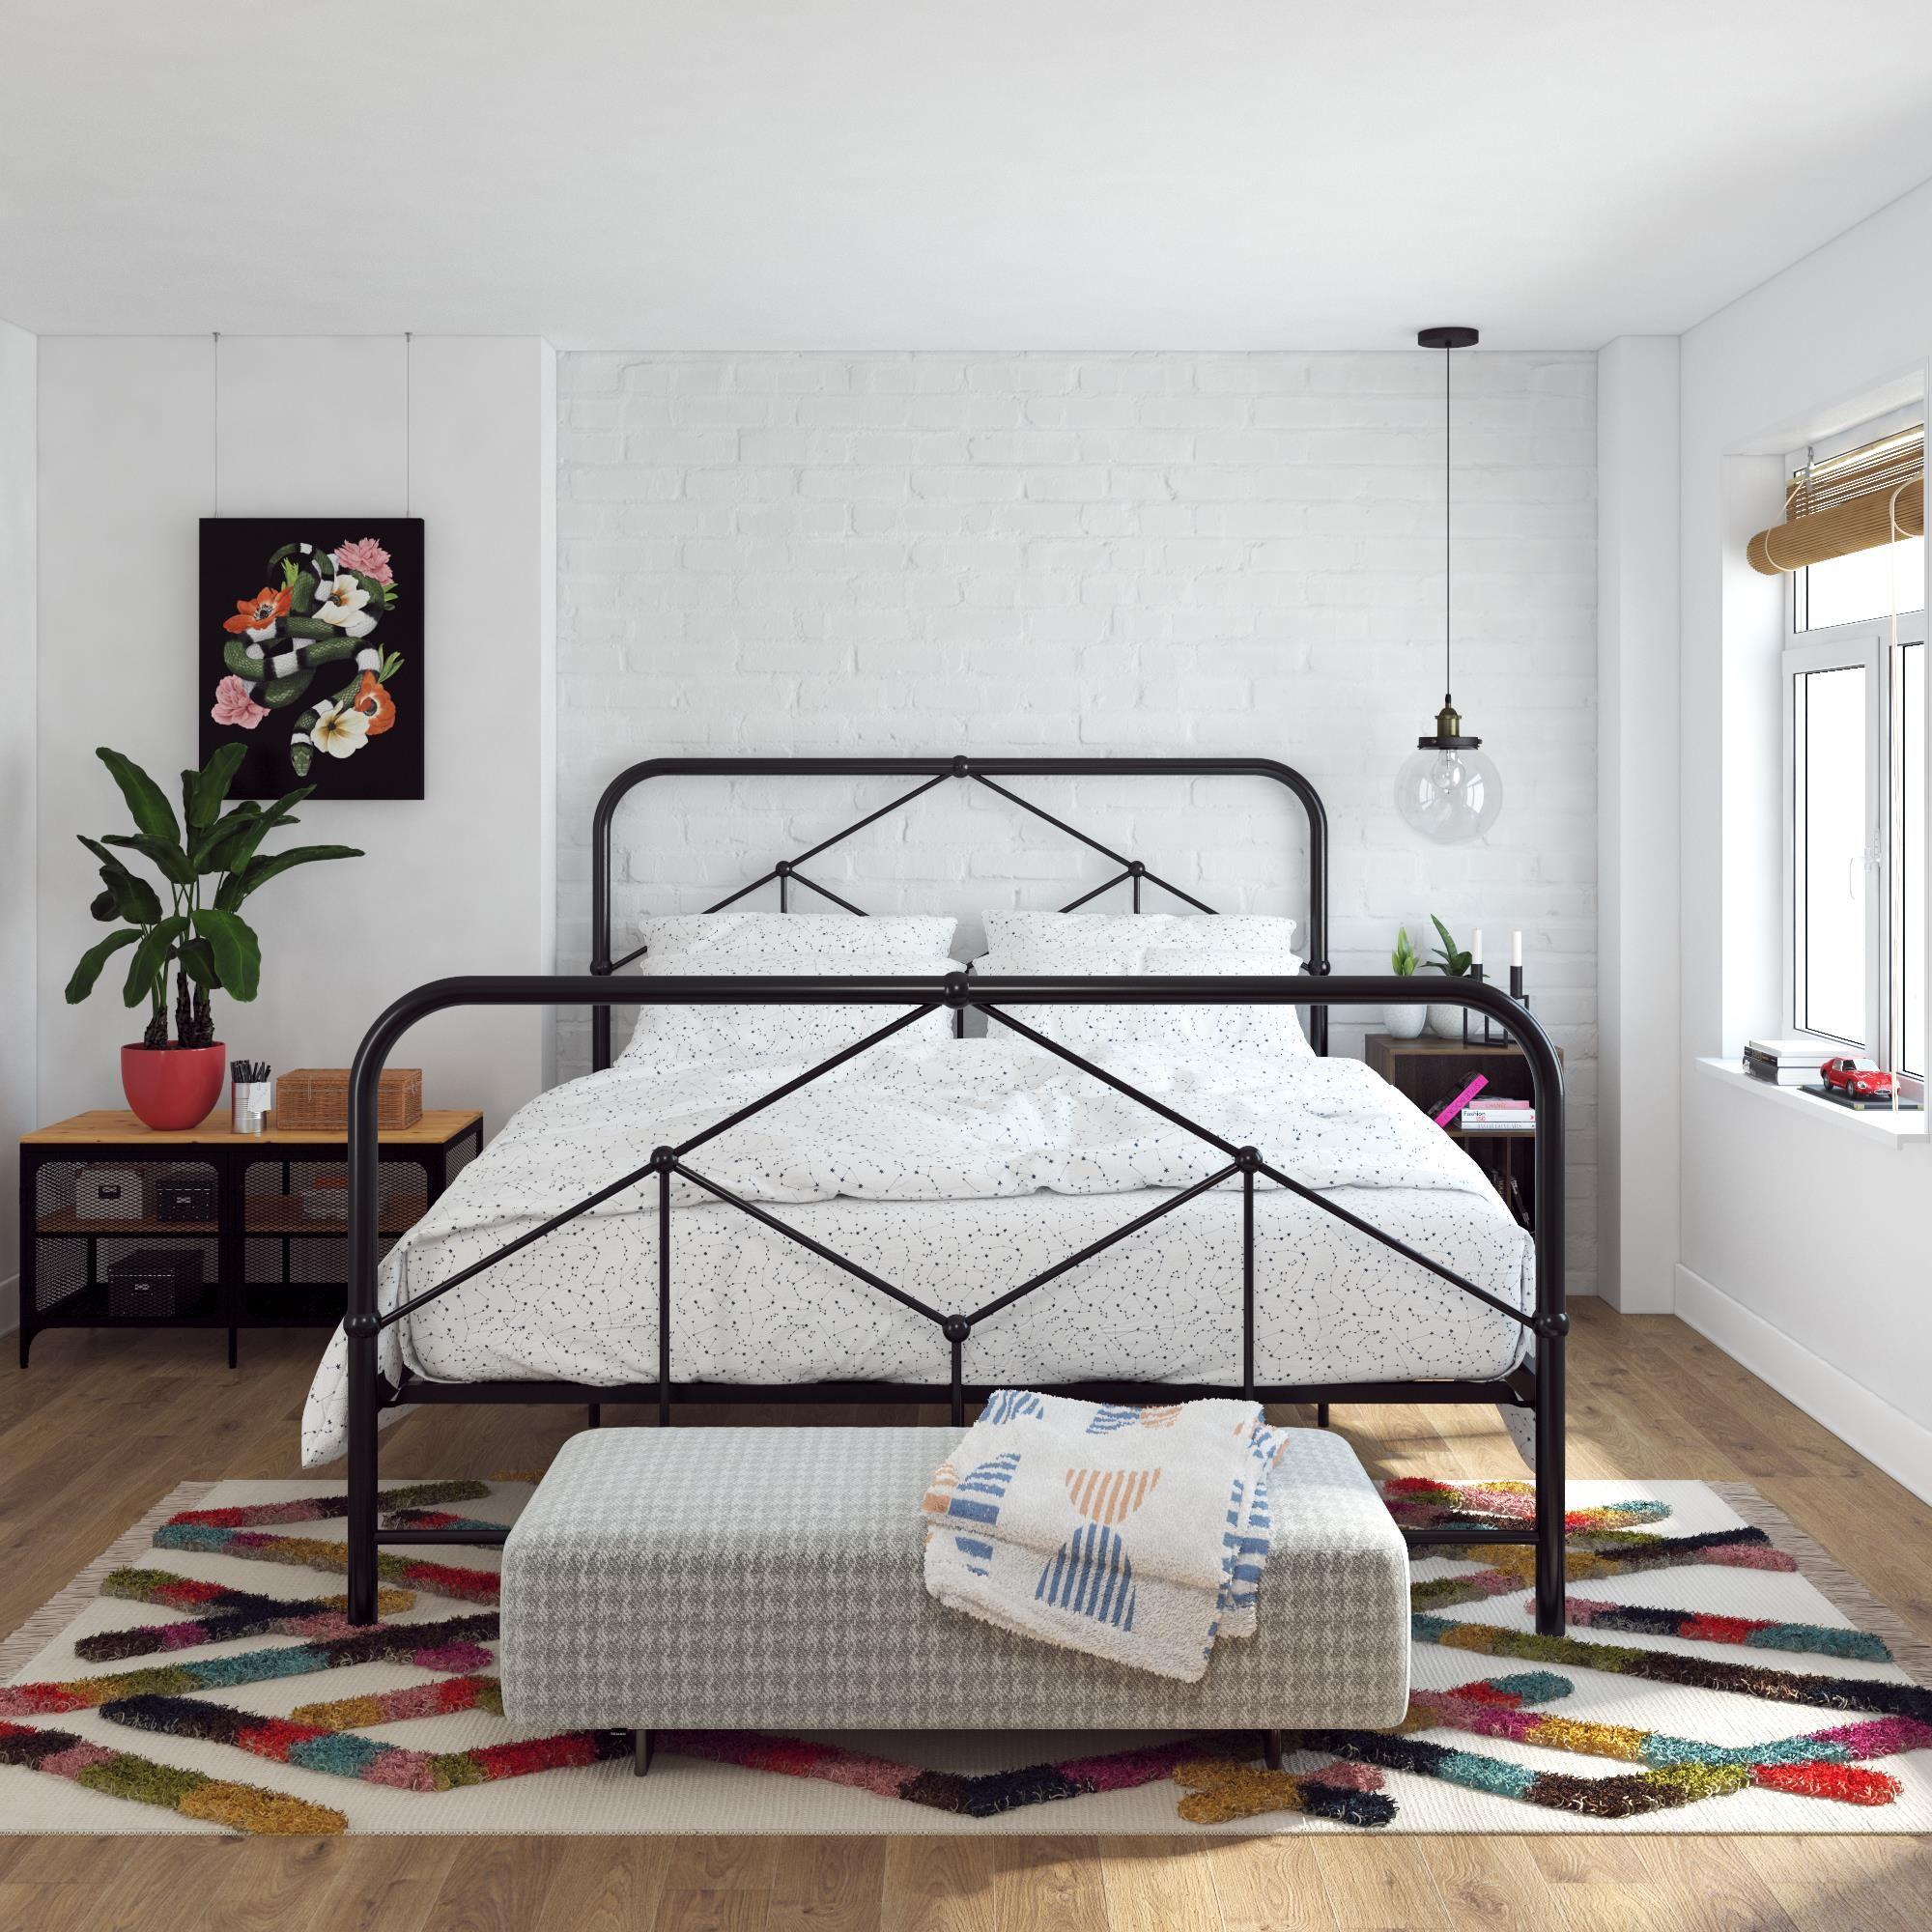 Home In 2020 King Bed Frame Black Bed Frame Queen Bed Frame